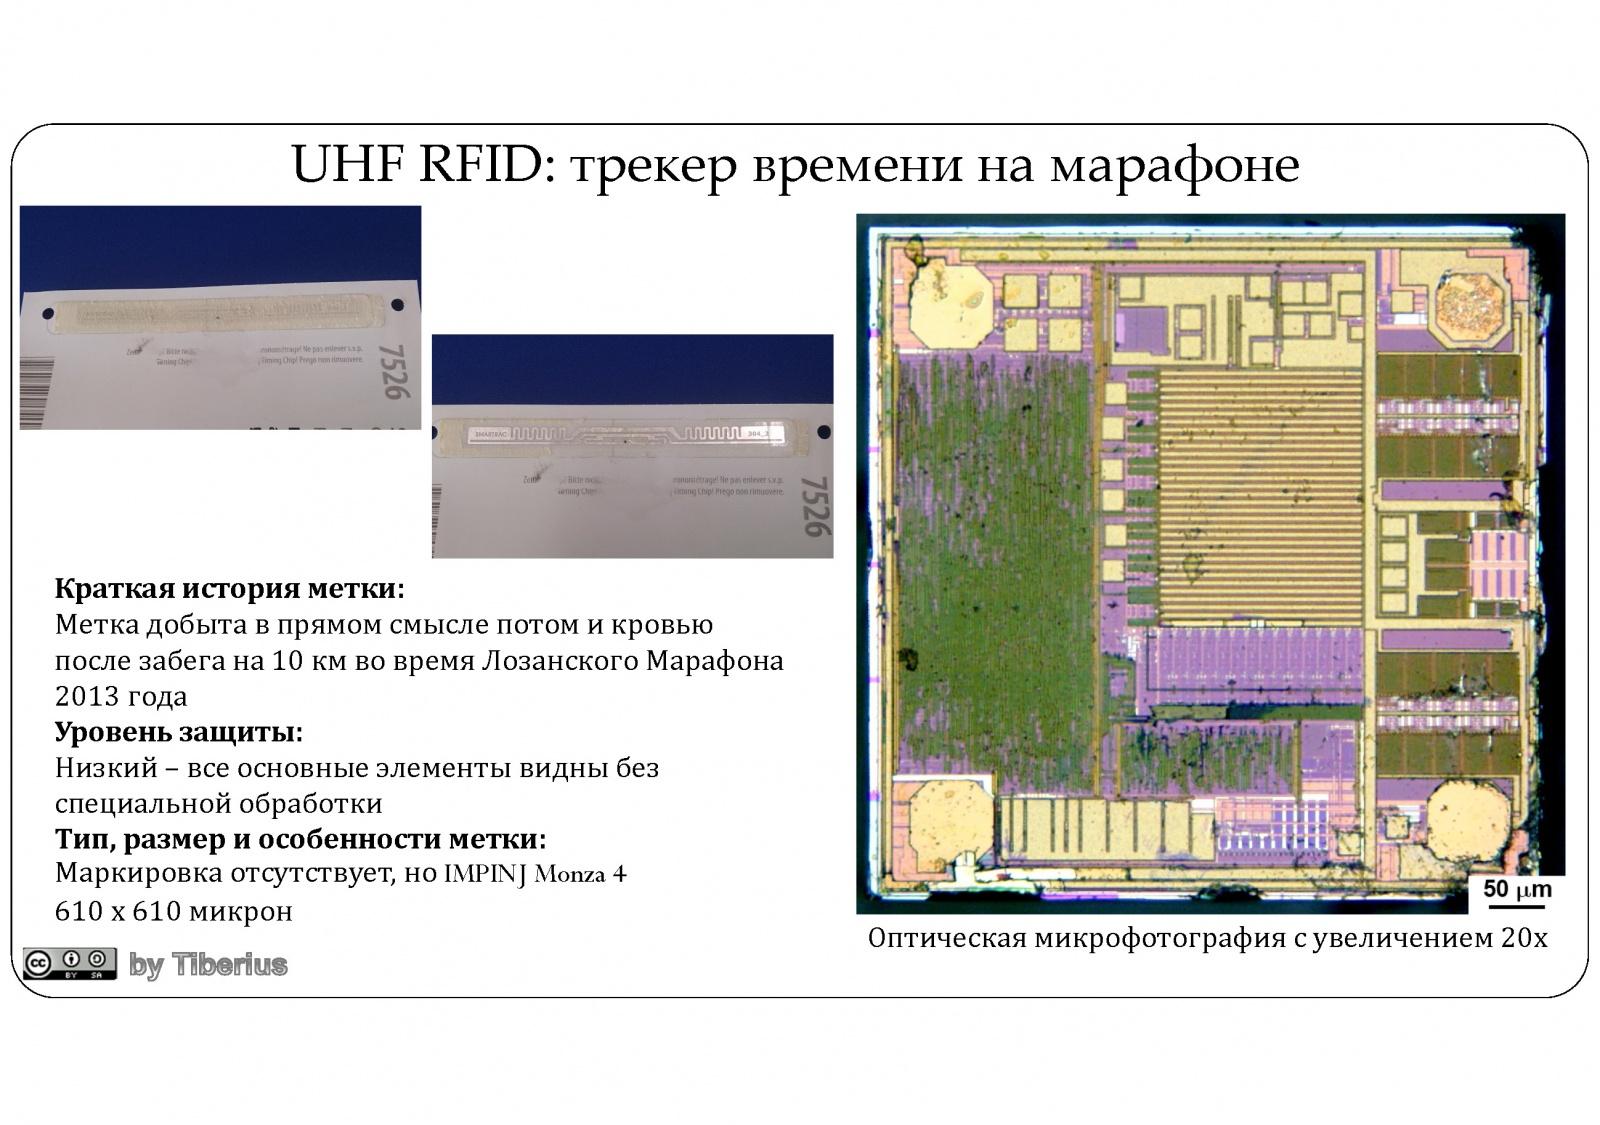 Взгляд изнутри: RFID в современном мире. Часть 1: RFID в быту - 12